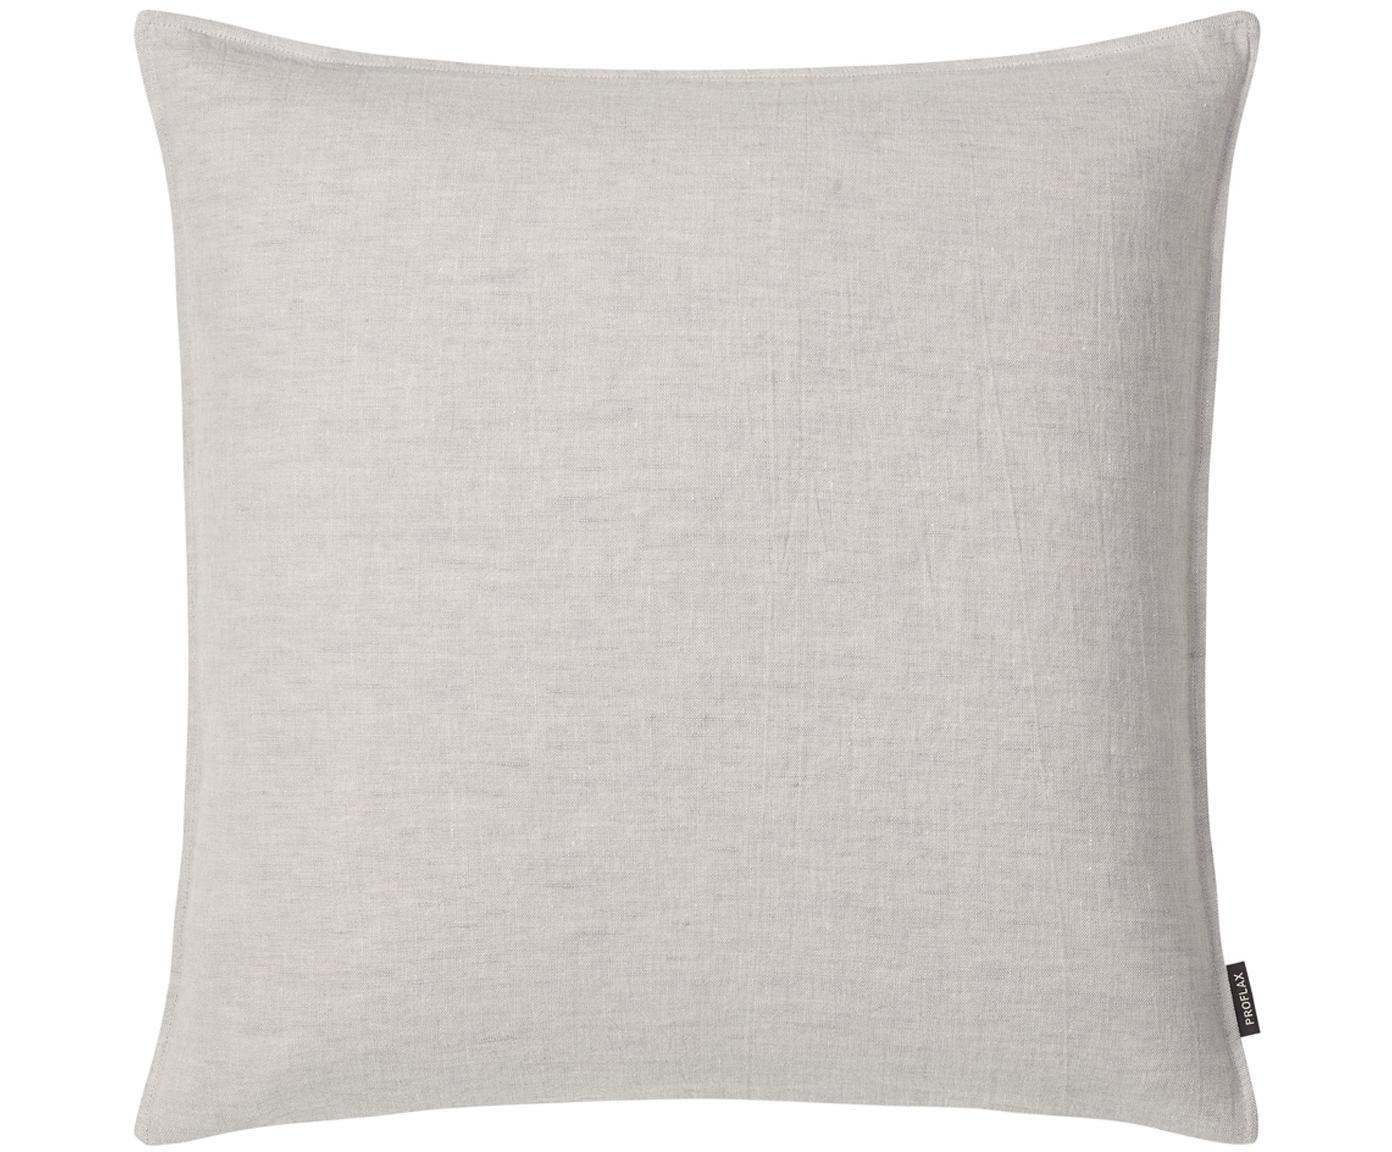 Poszewka na poduszkę z lnu z efektem sprania Sven, Len, Srebrny, szary, S 50 x D 50 cm